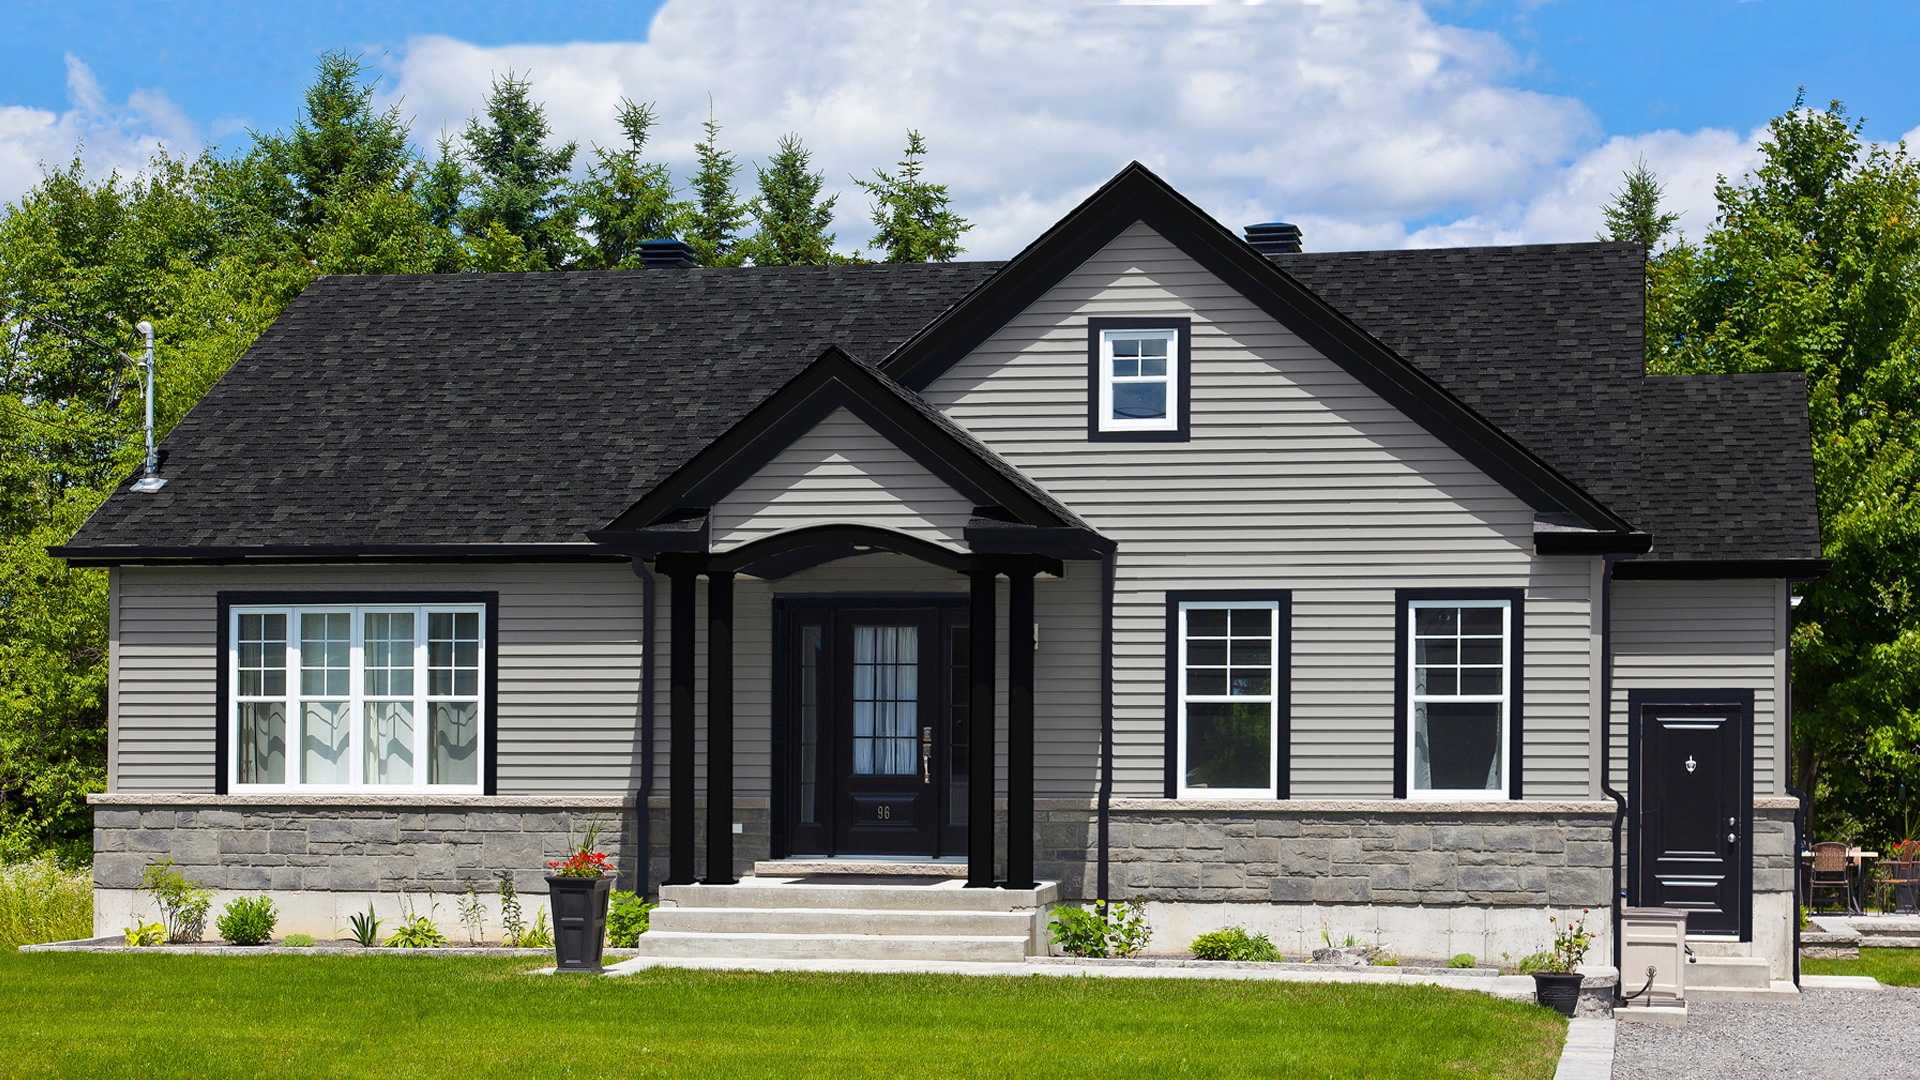 Mod le saint laurent maison de style tradition pro fab constructeur de maisons modulaires et for Maison modele profab